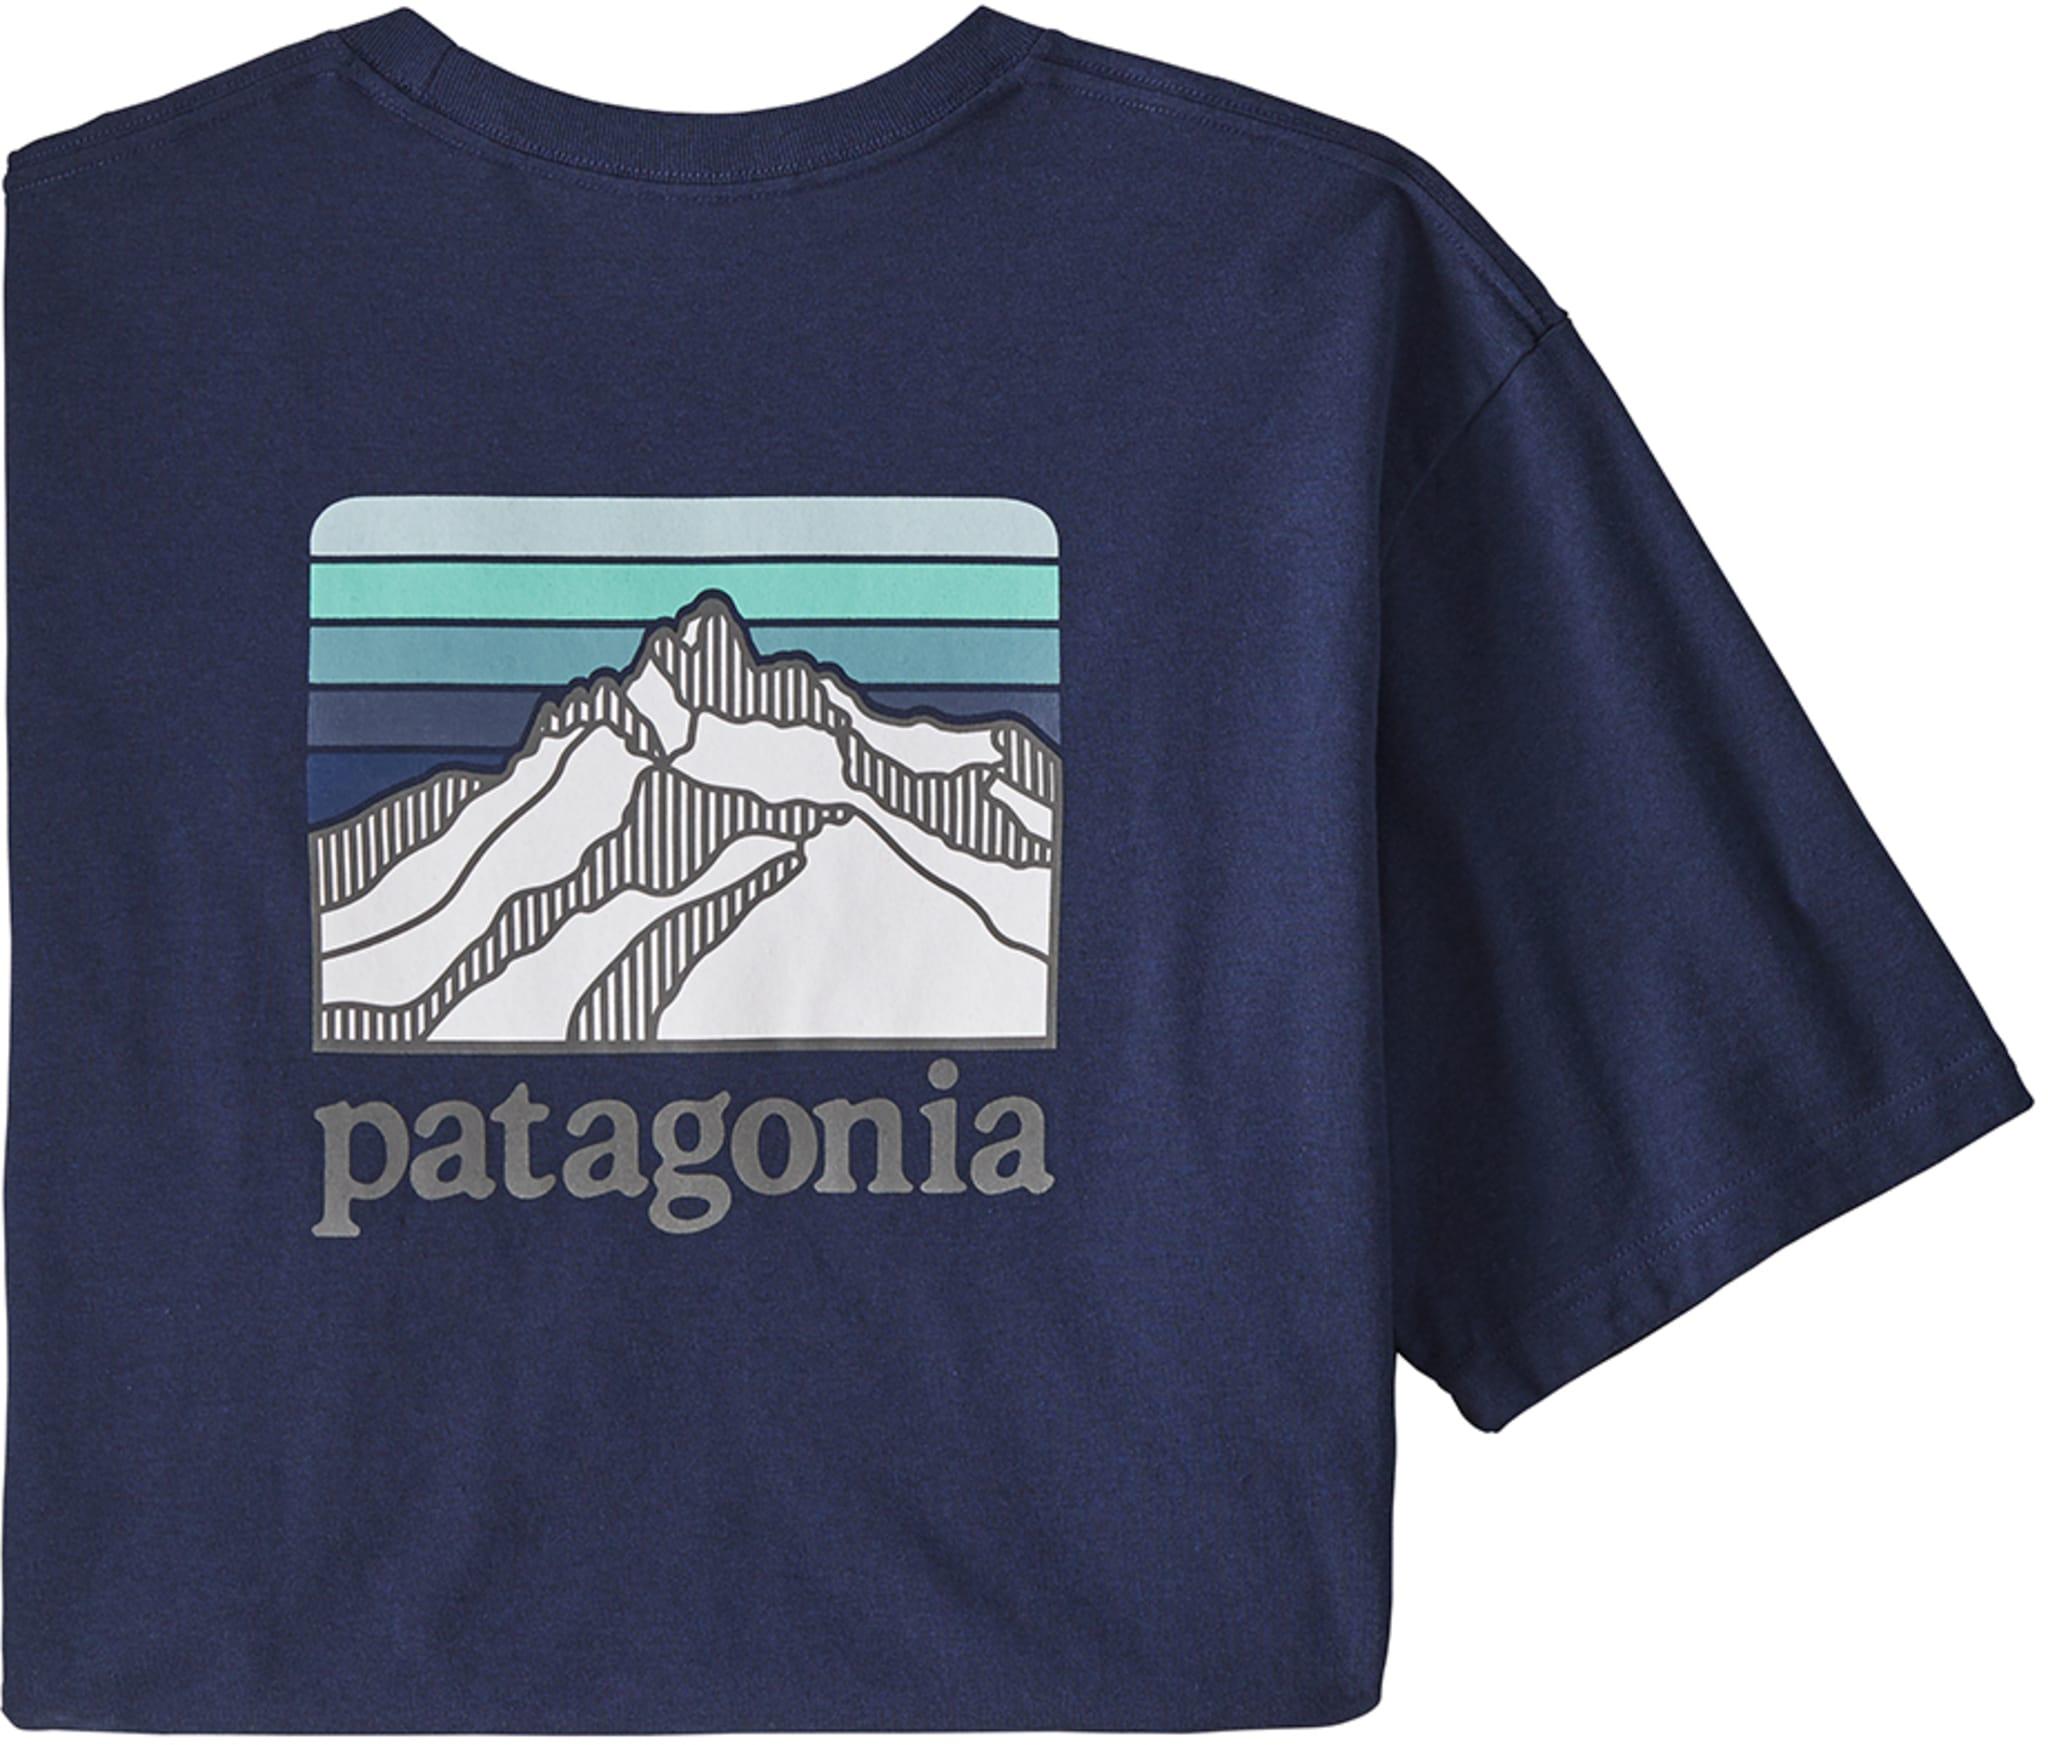 T-skjorte laget av plastflaske- og bomullsrester